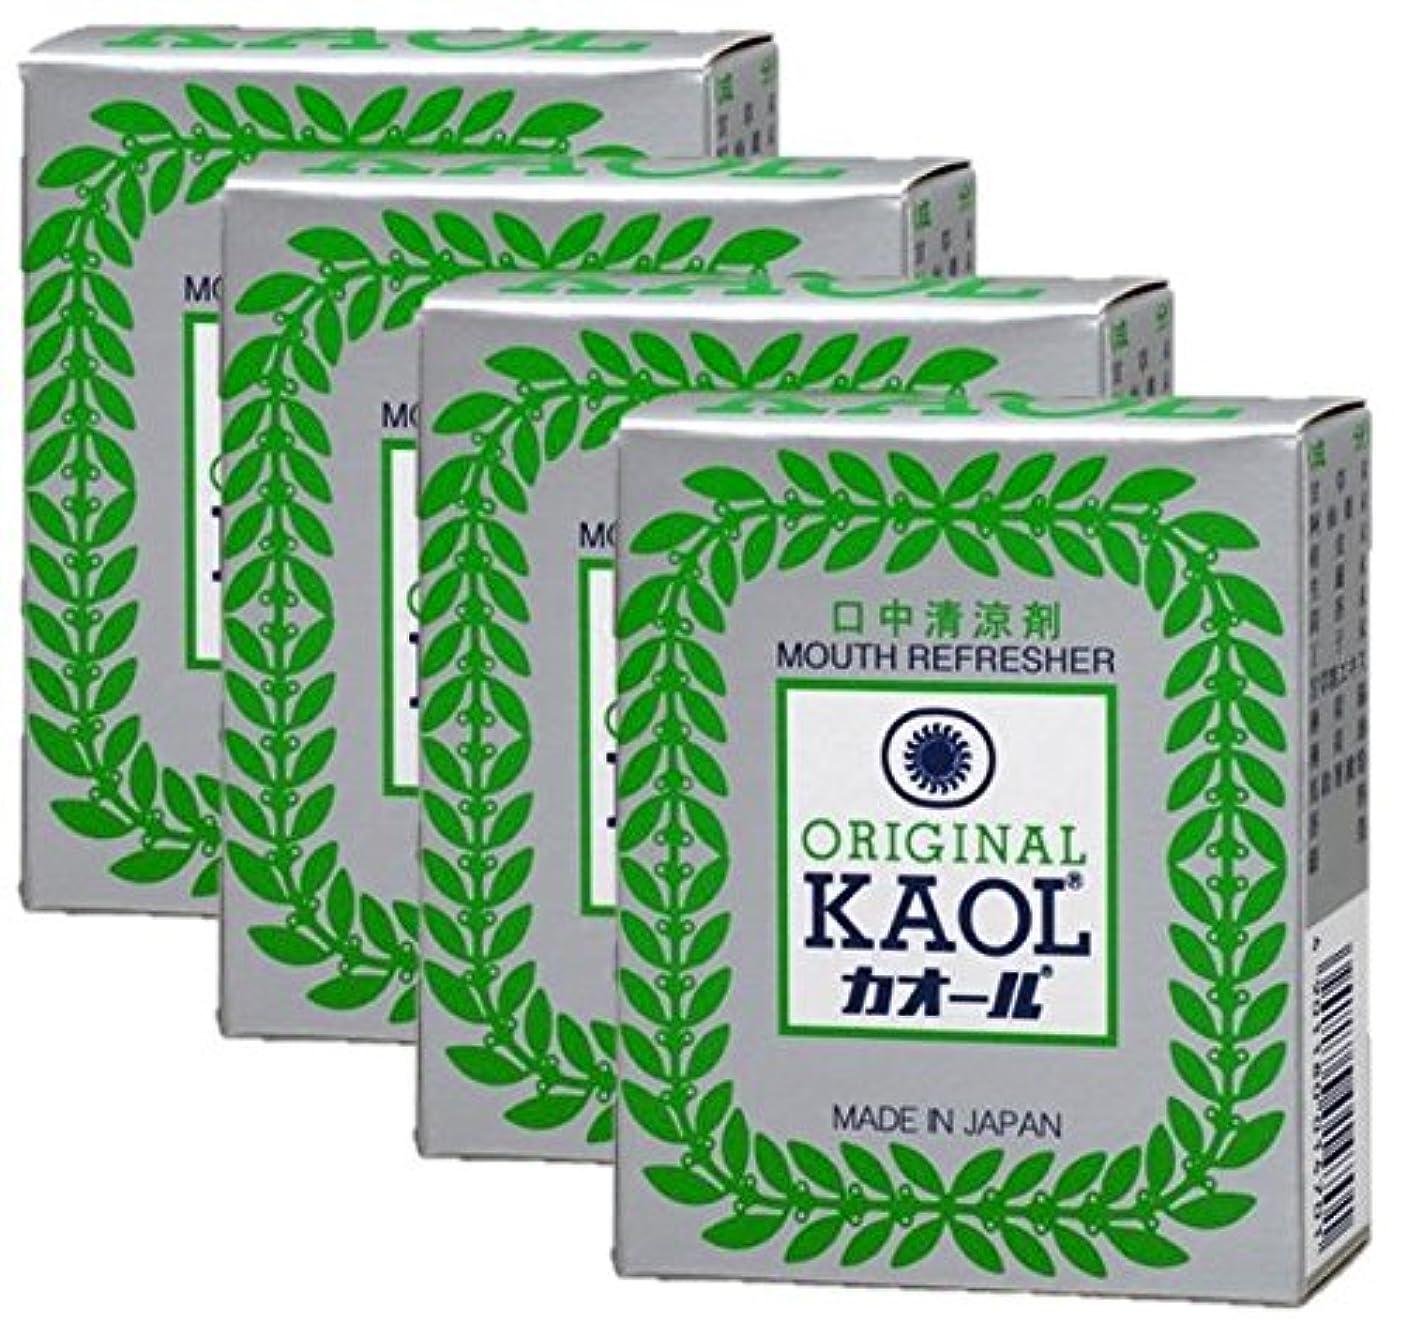 リブ泣いている休戦口中清涼剤 オリヂナル カオール 14.5g×4個セット